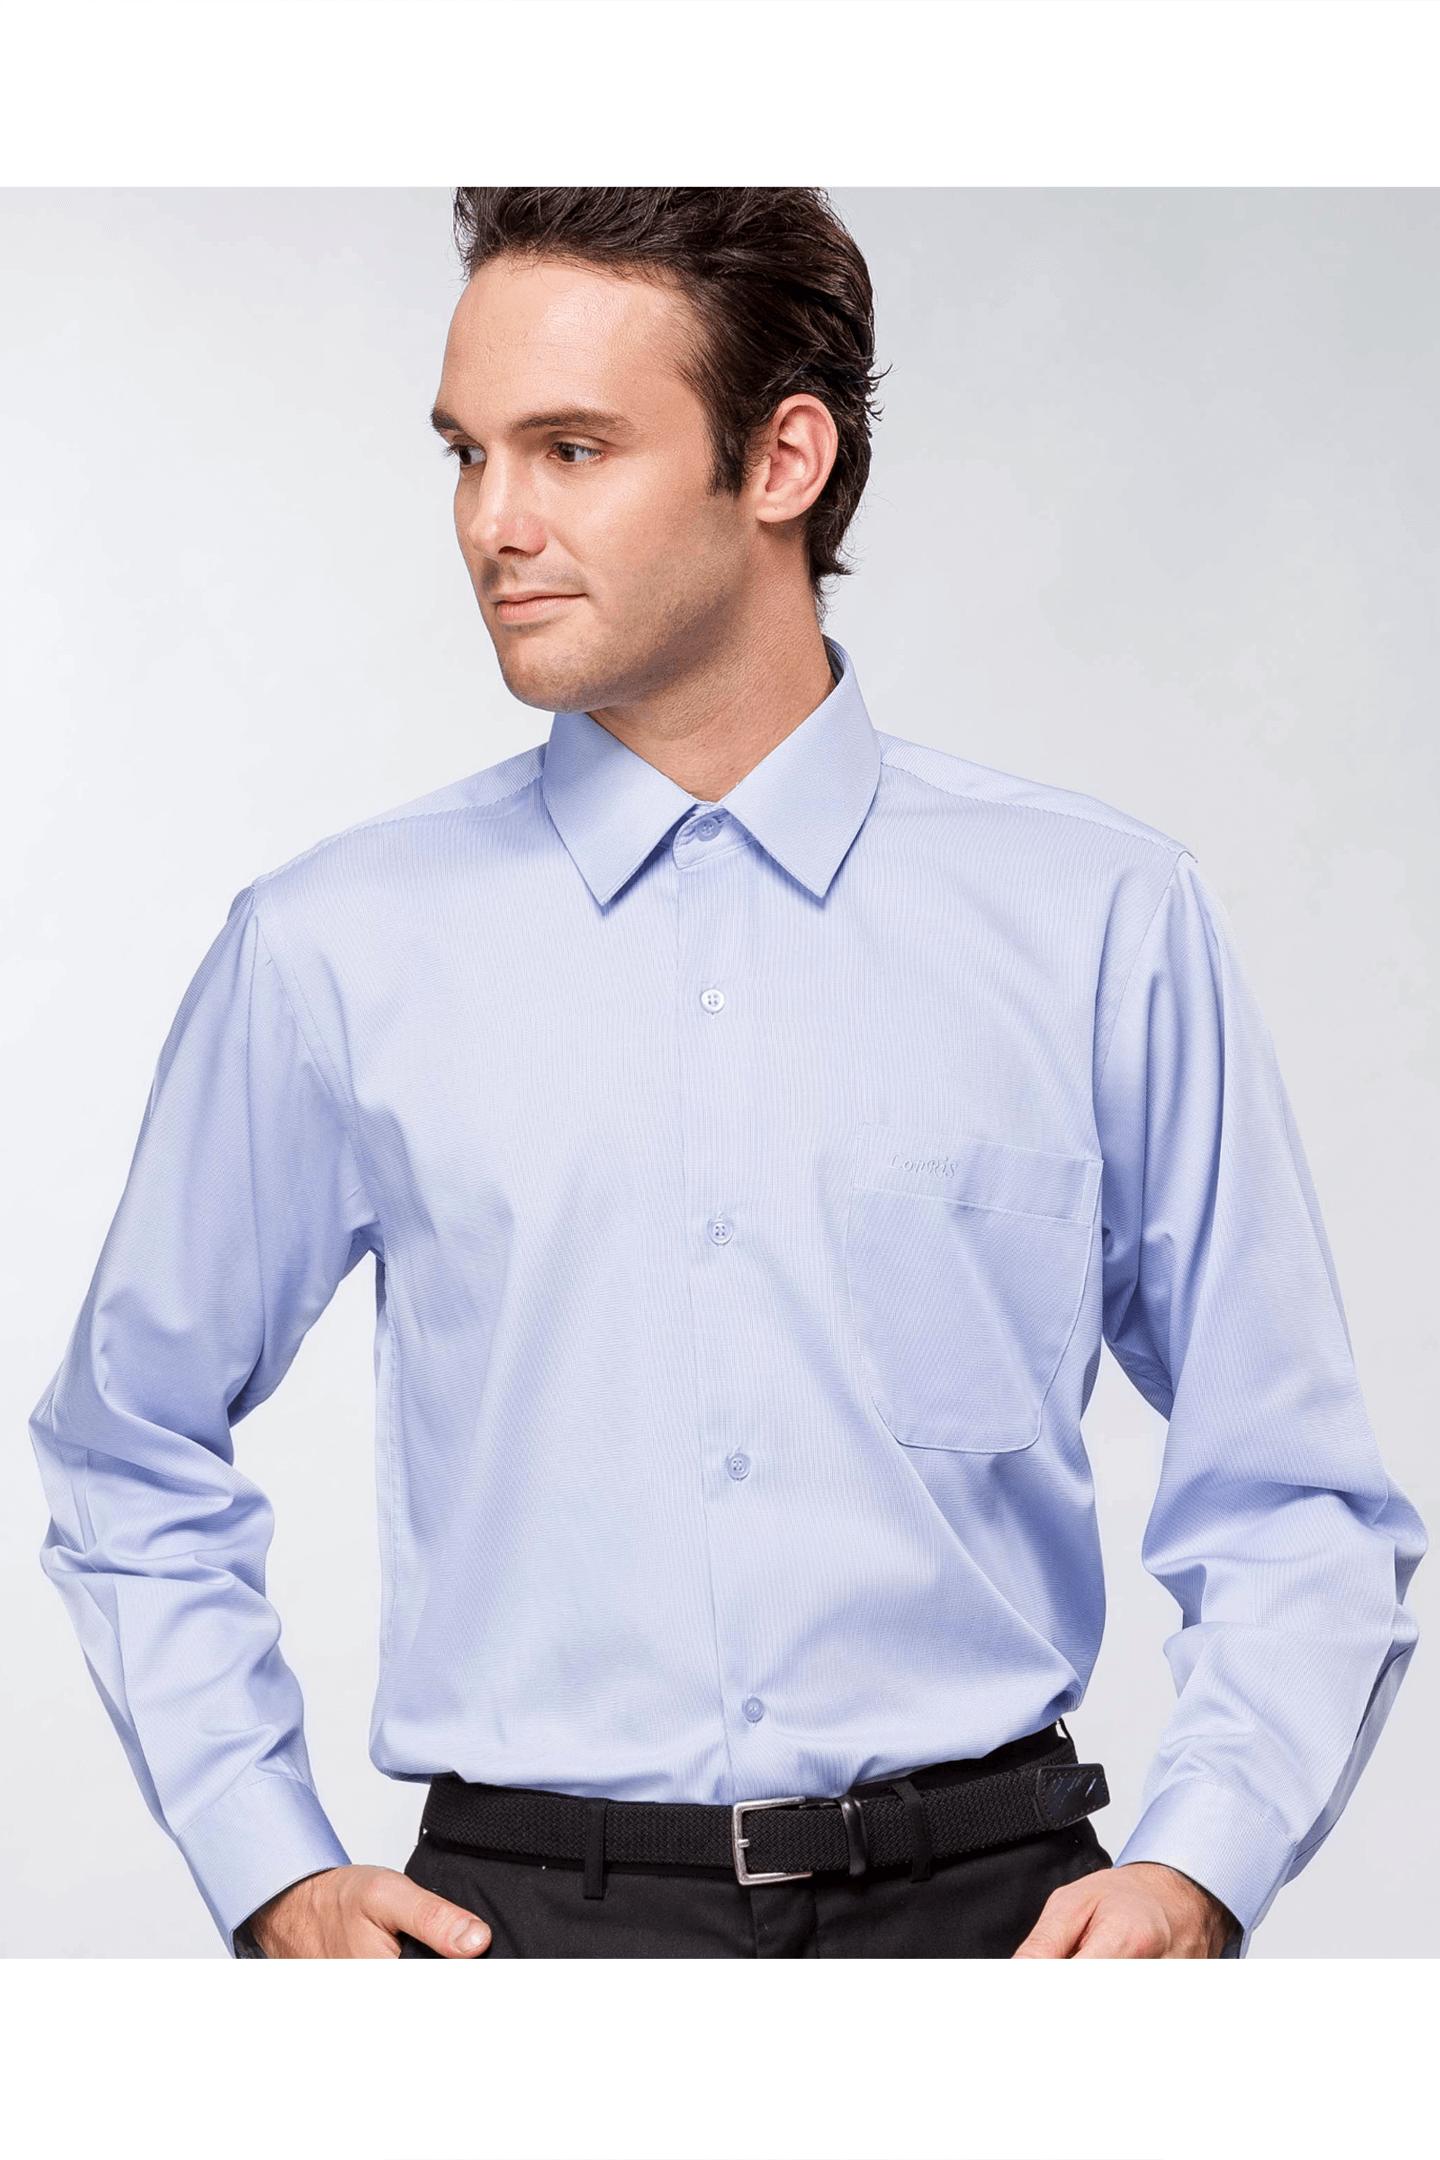 藍色細條棉質長袖襯衫/抗皺 吸濕排汗